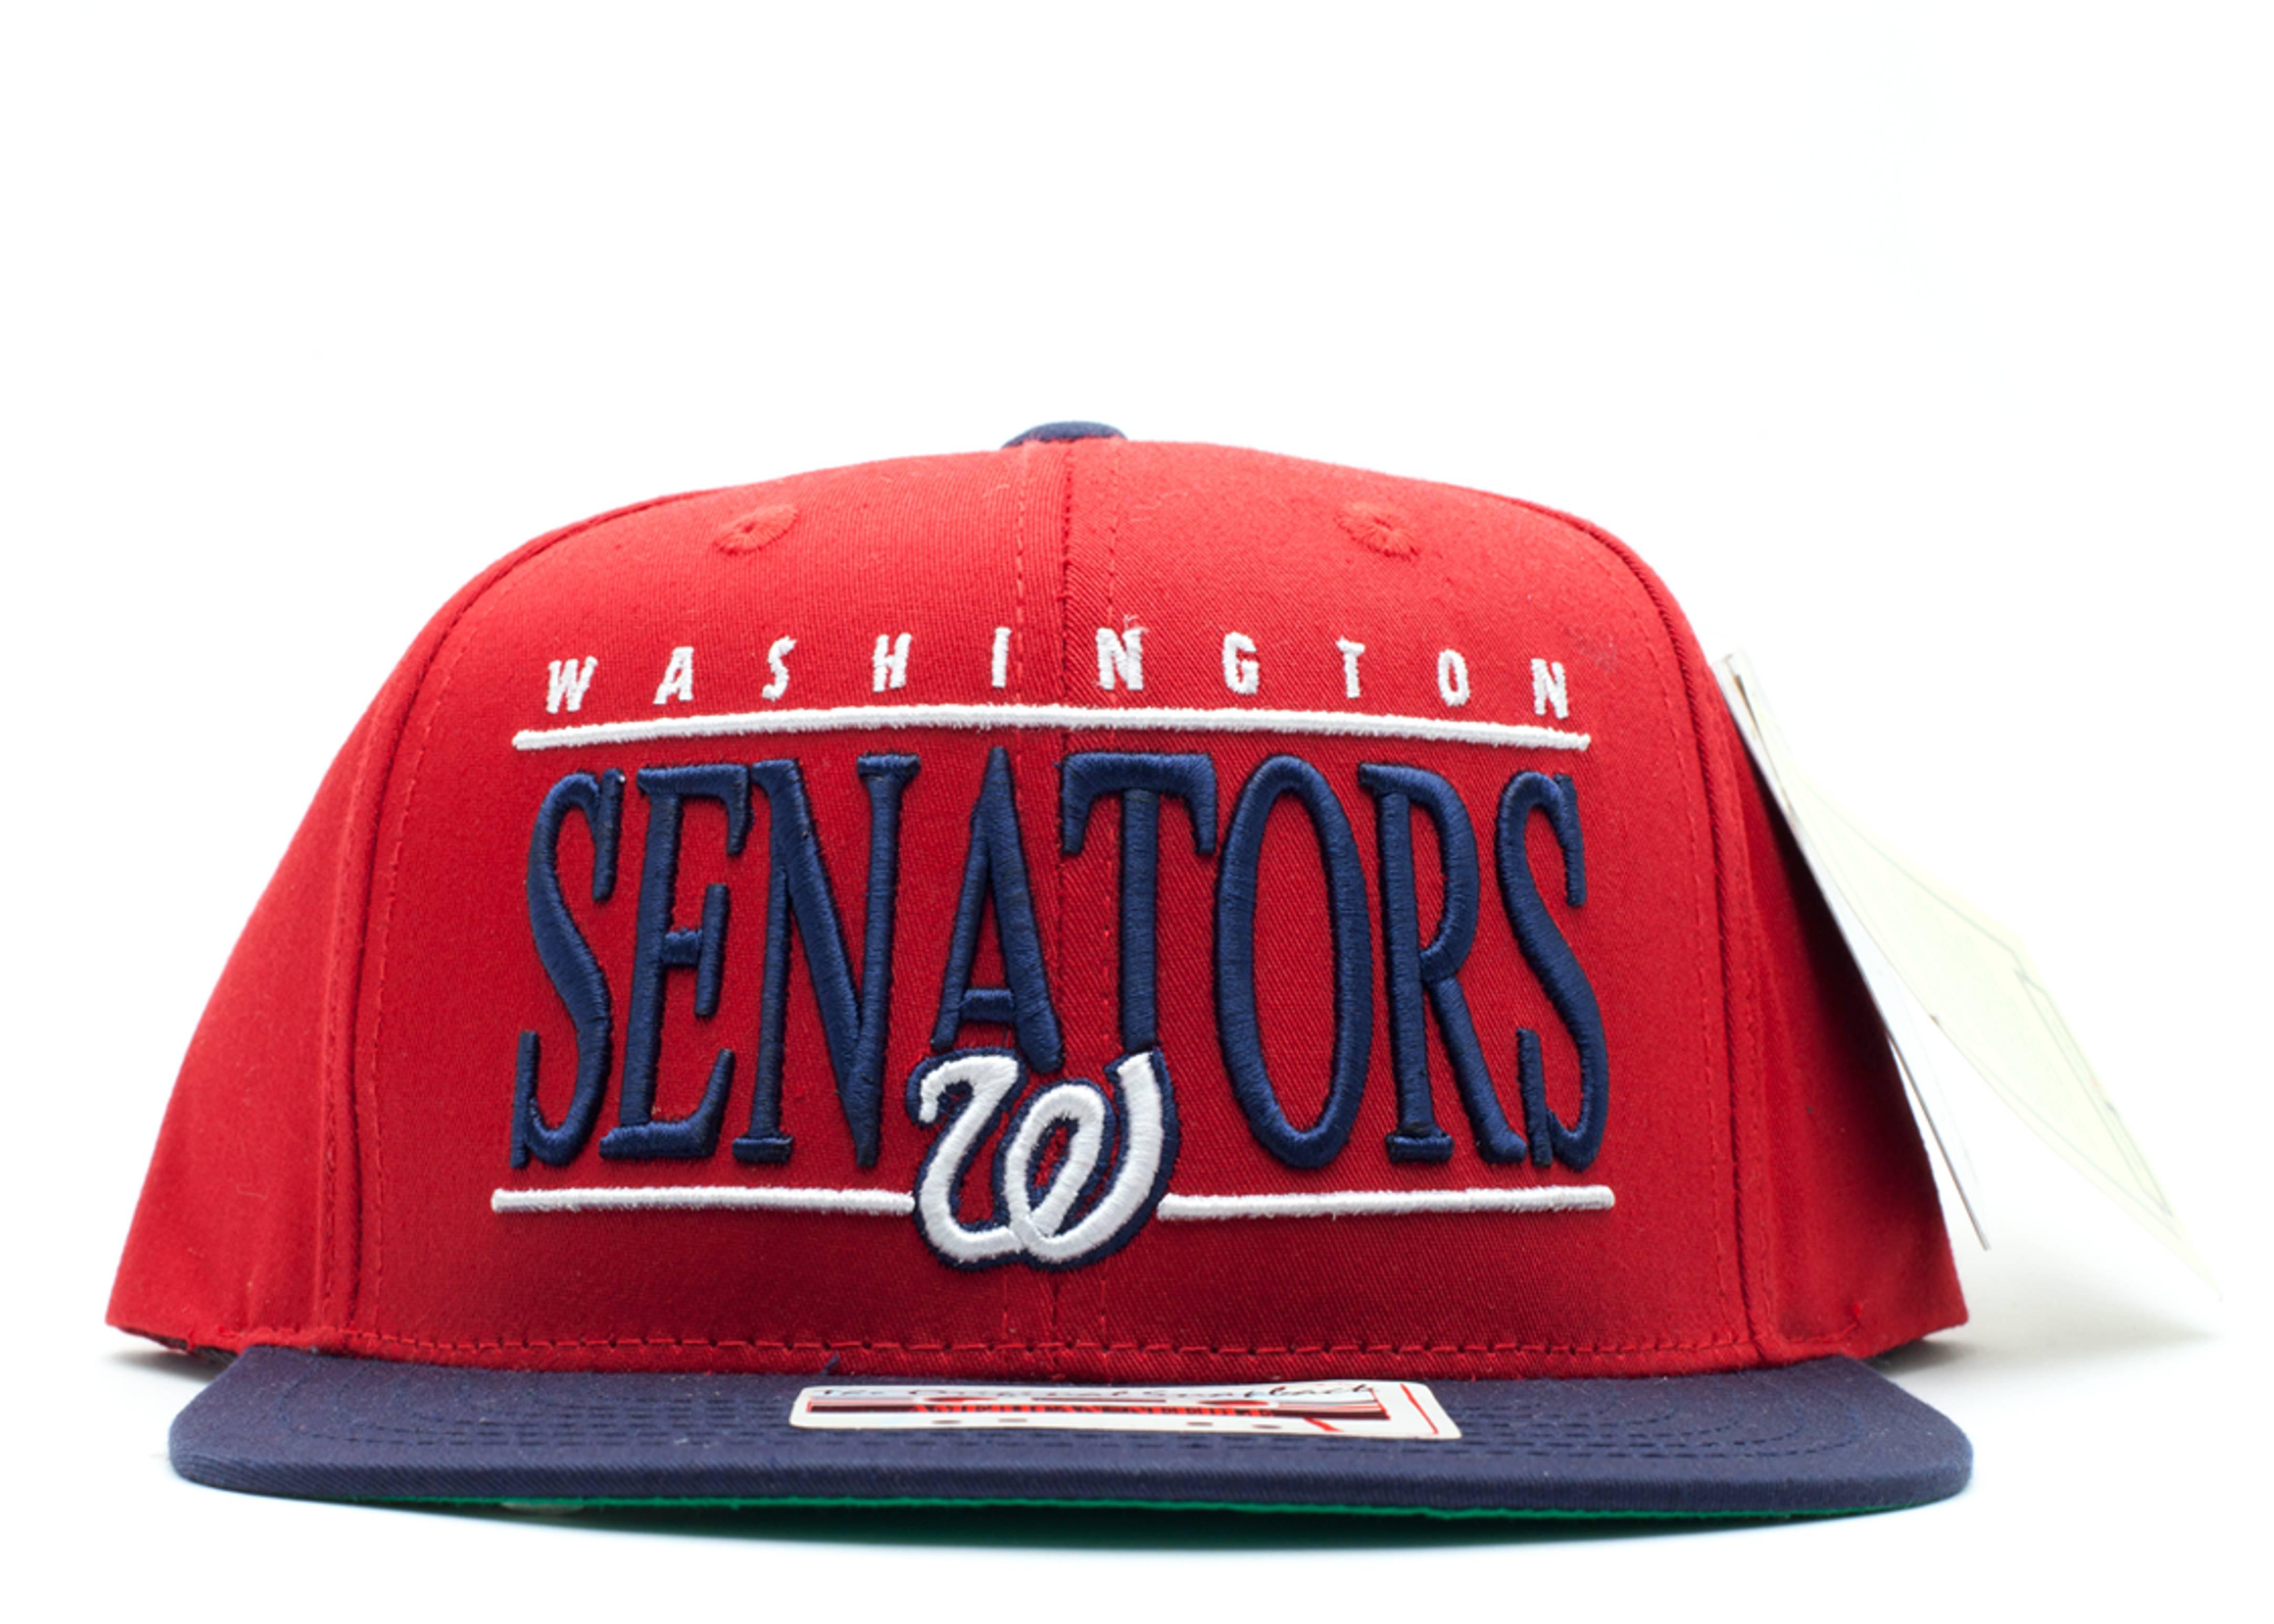 washington senators snap-back